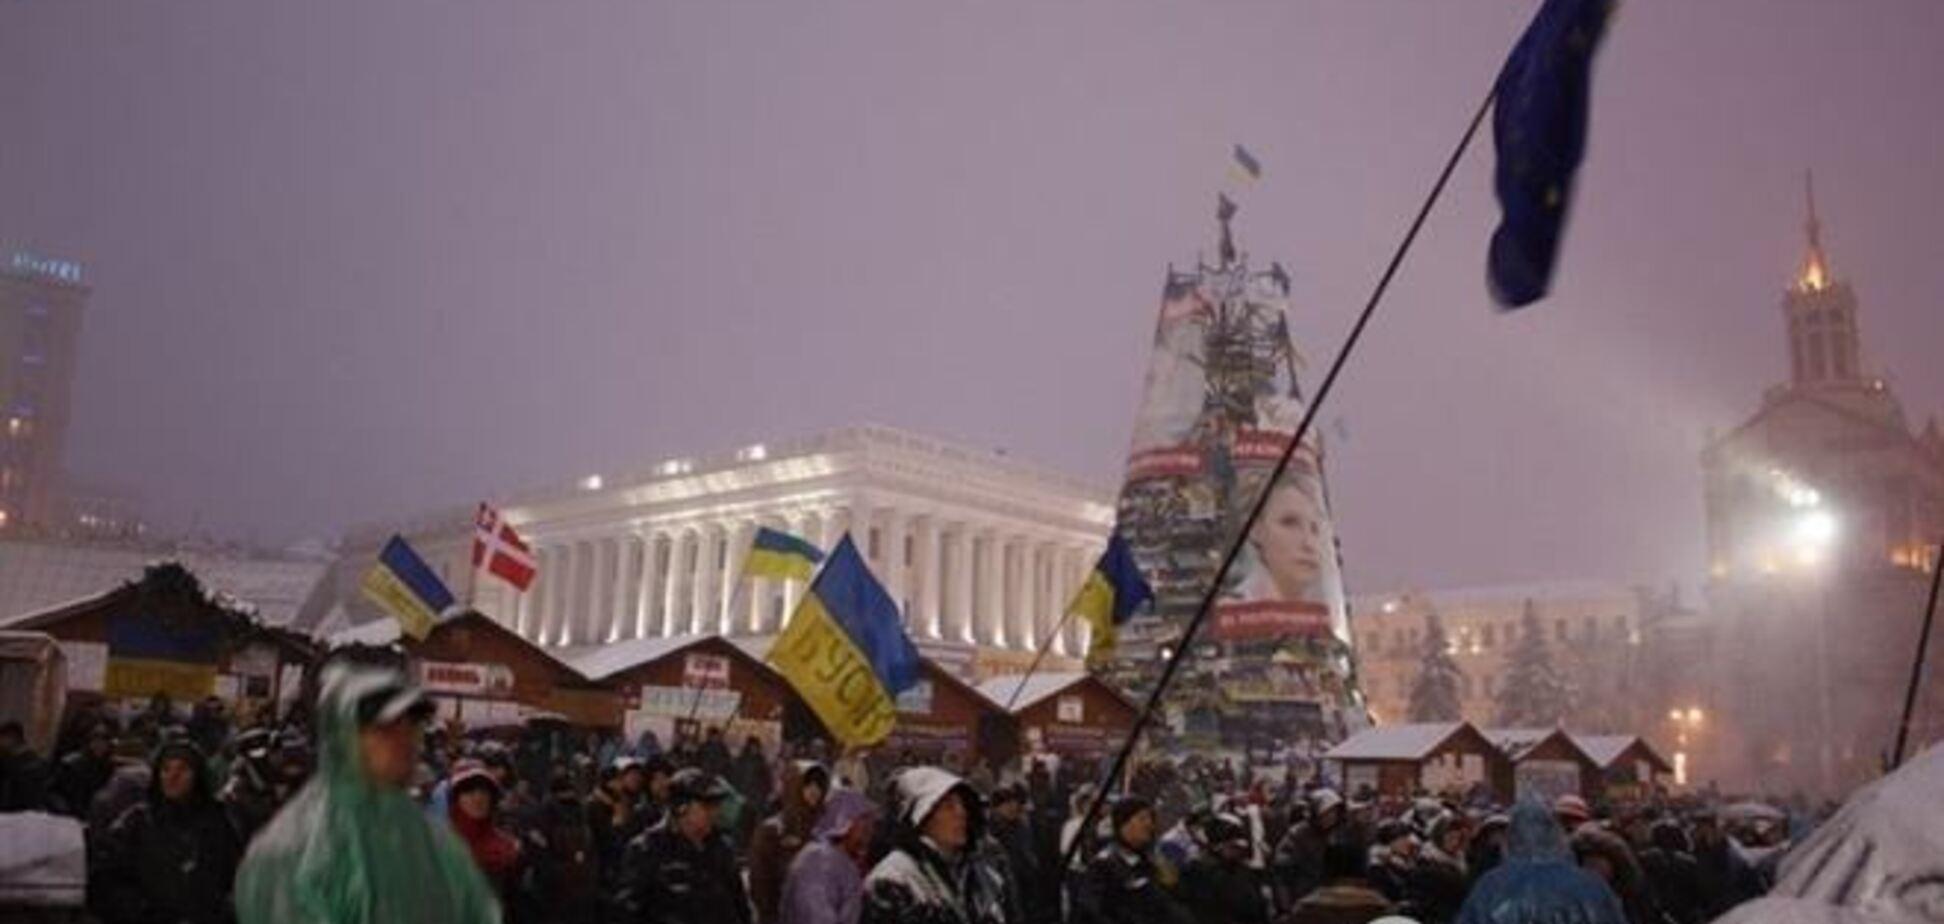 Евромайдан не несет 'налоговой' угрозы - эксперт